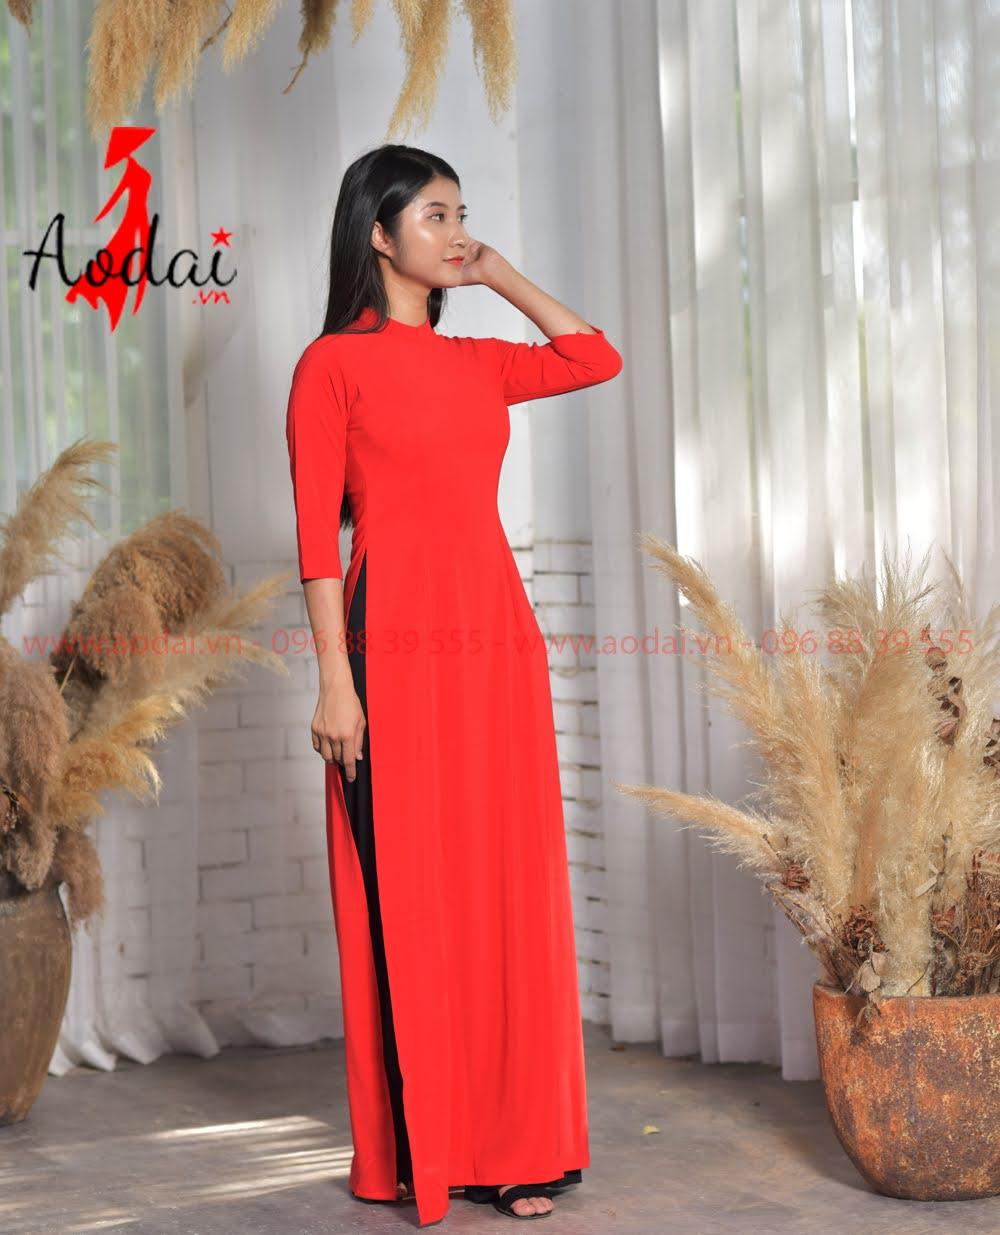 Áo Dài Nữ Cổ Đứng màu Đỏ Quần đen